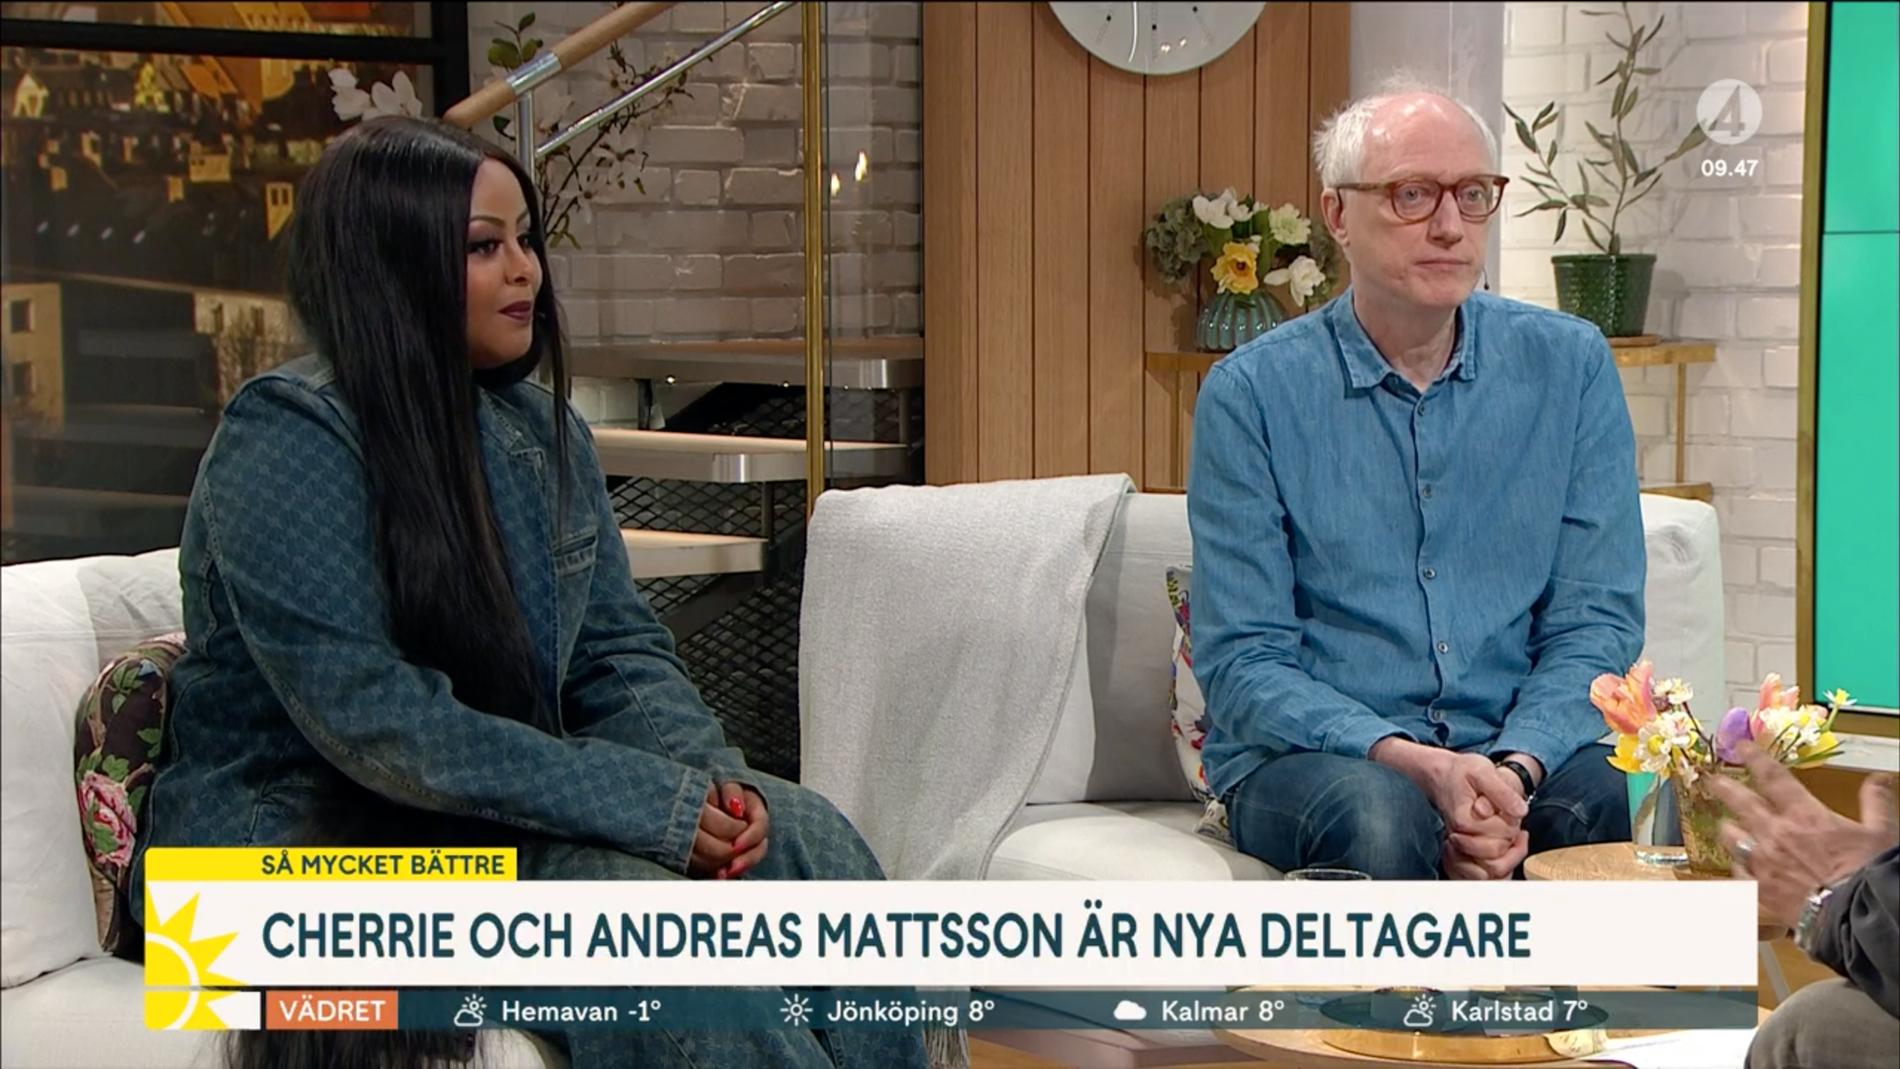 Cherrie och Andreas Mattsson i Nyhetsmorgon.